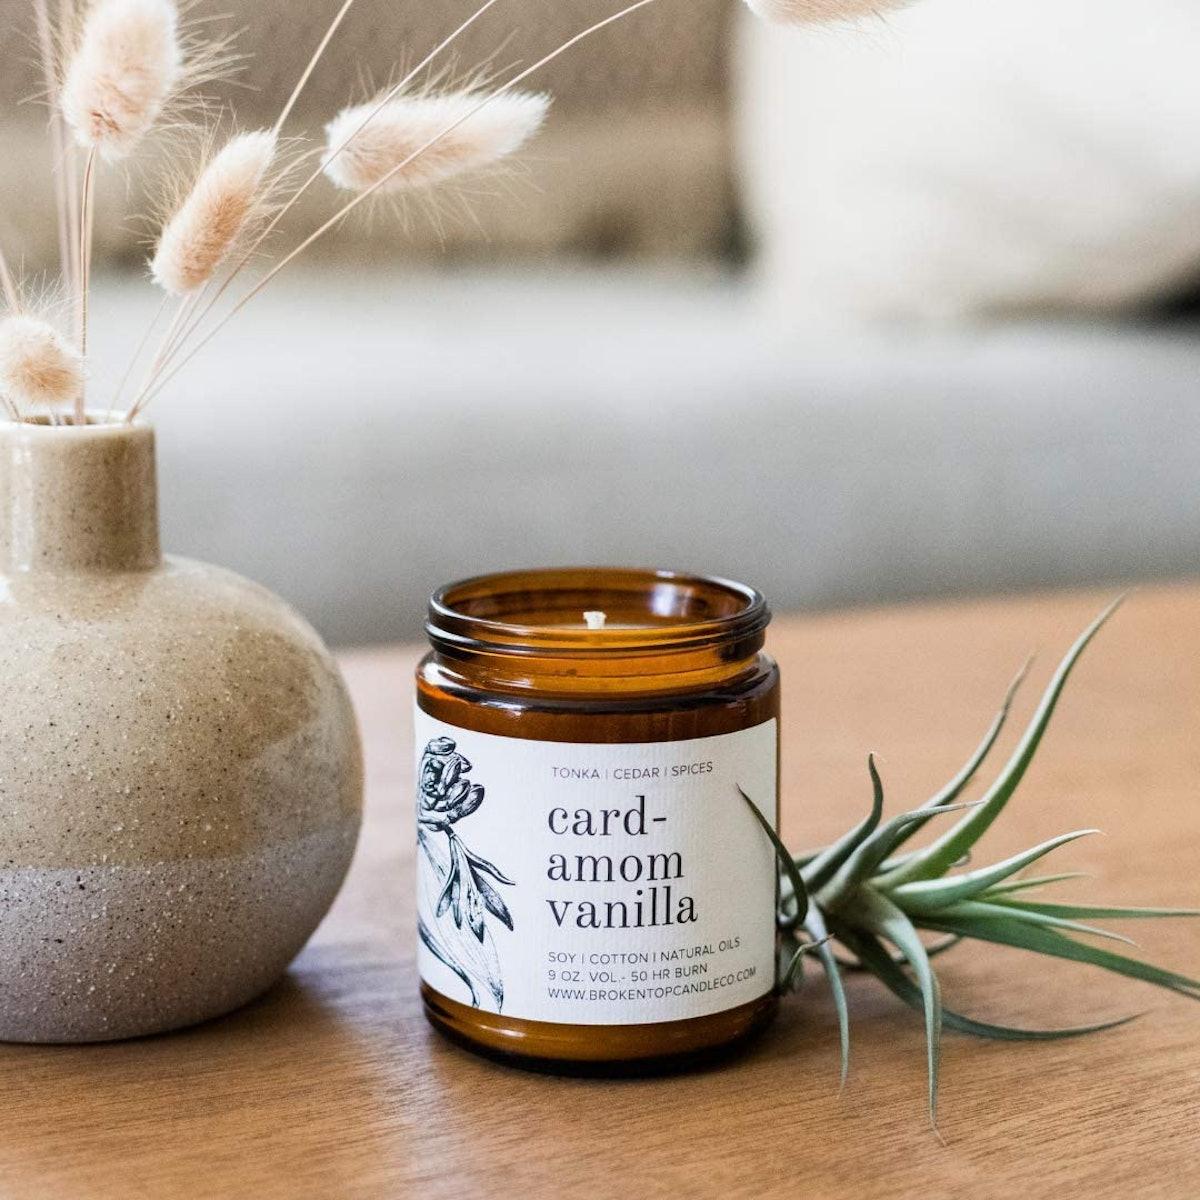 Broken Top Cardamom Vanilla Candle, 9 Oz.